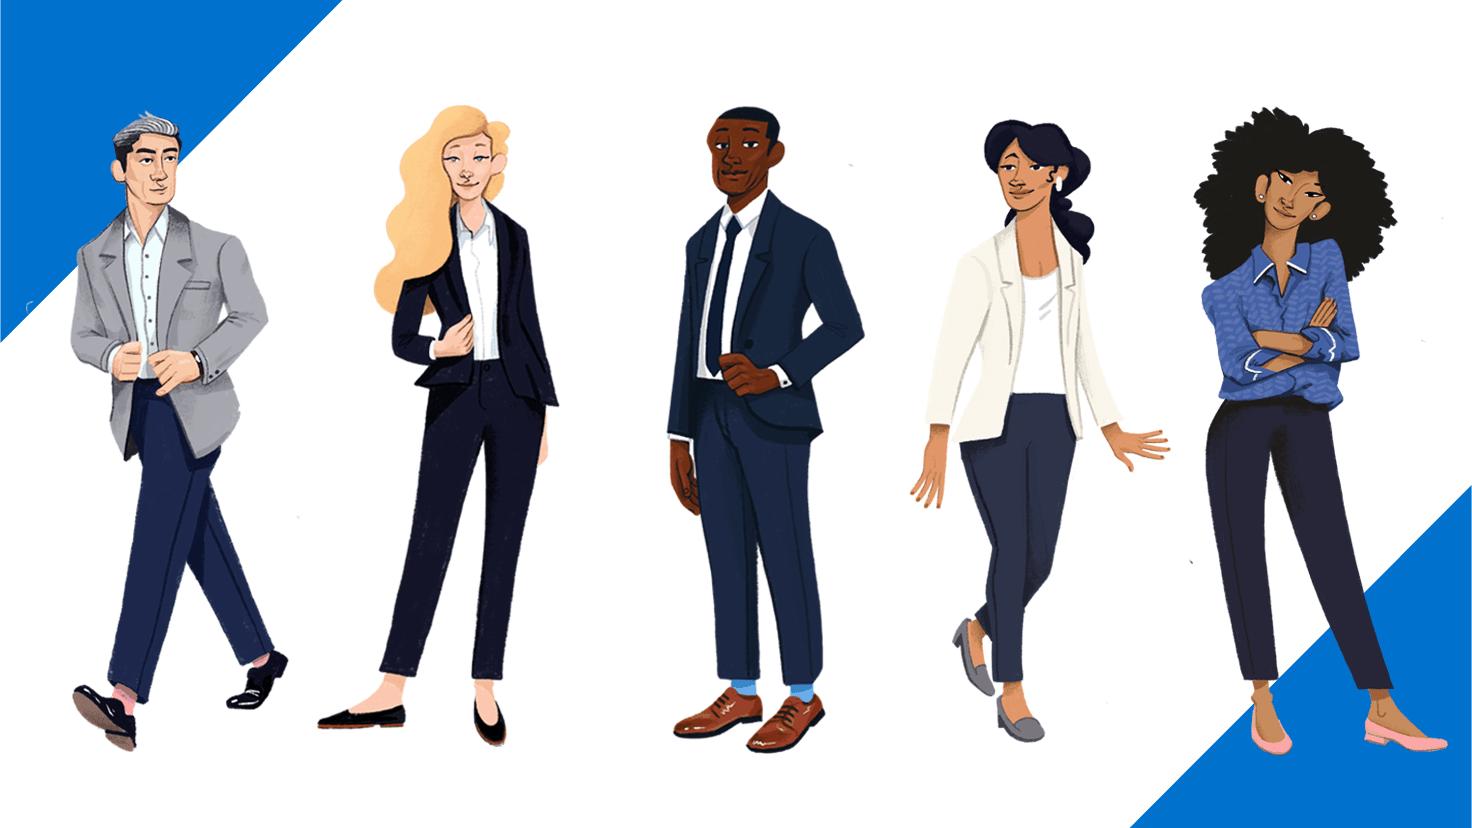 15 Job Winning Interview Outfits For Women Amp Men